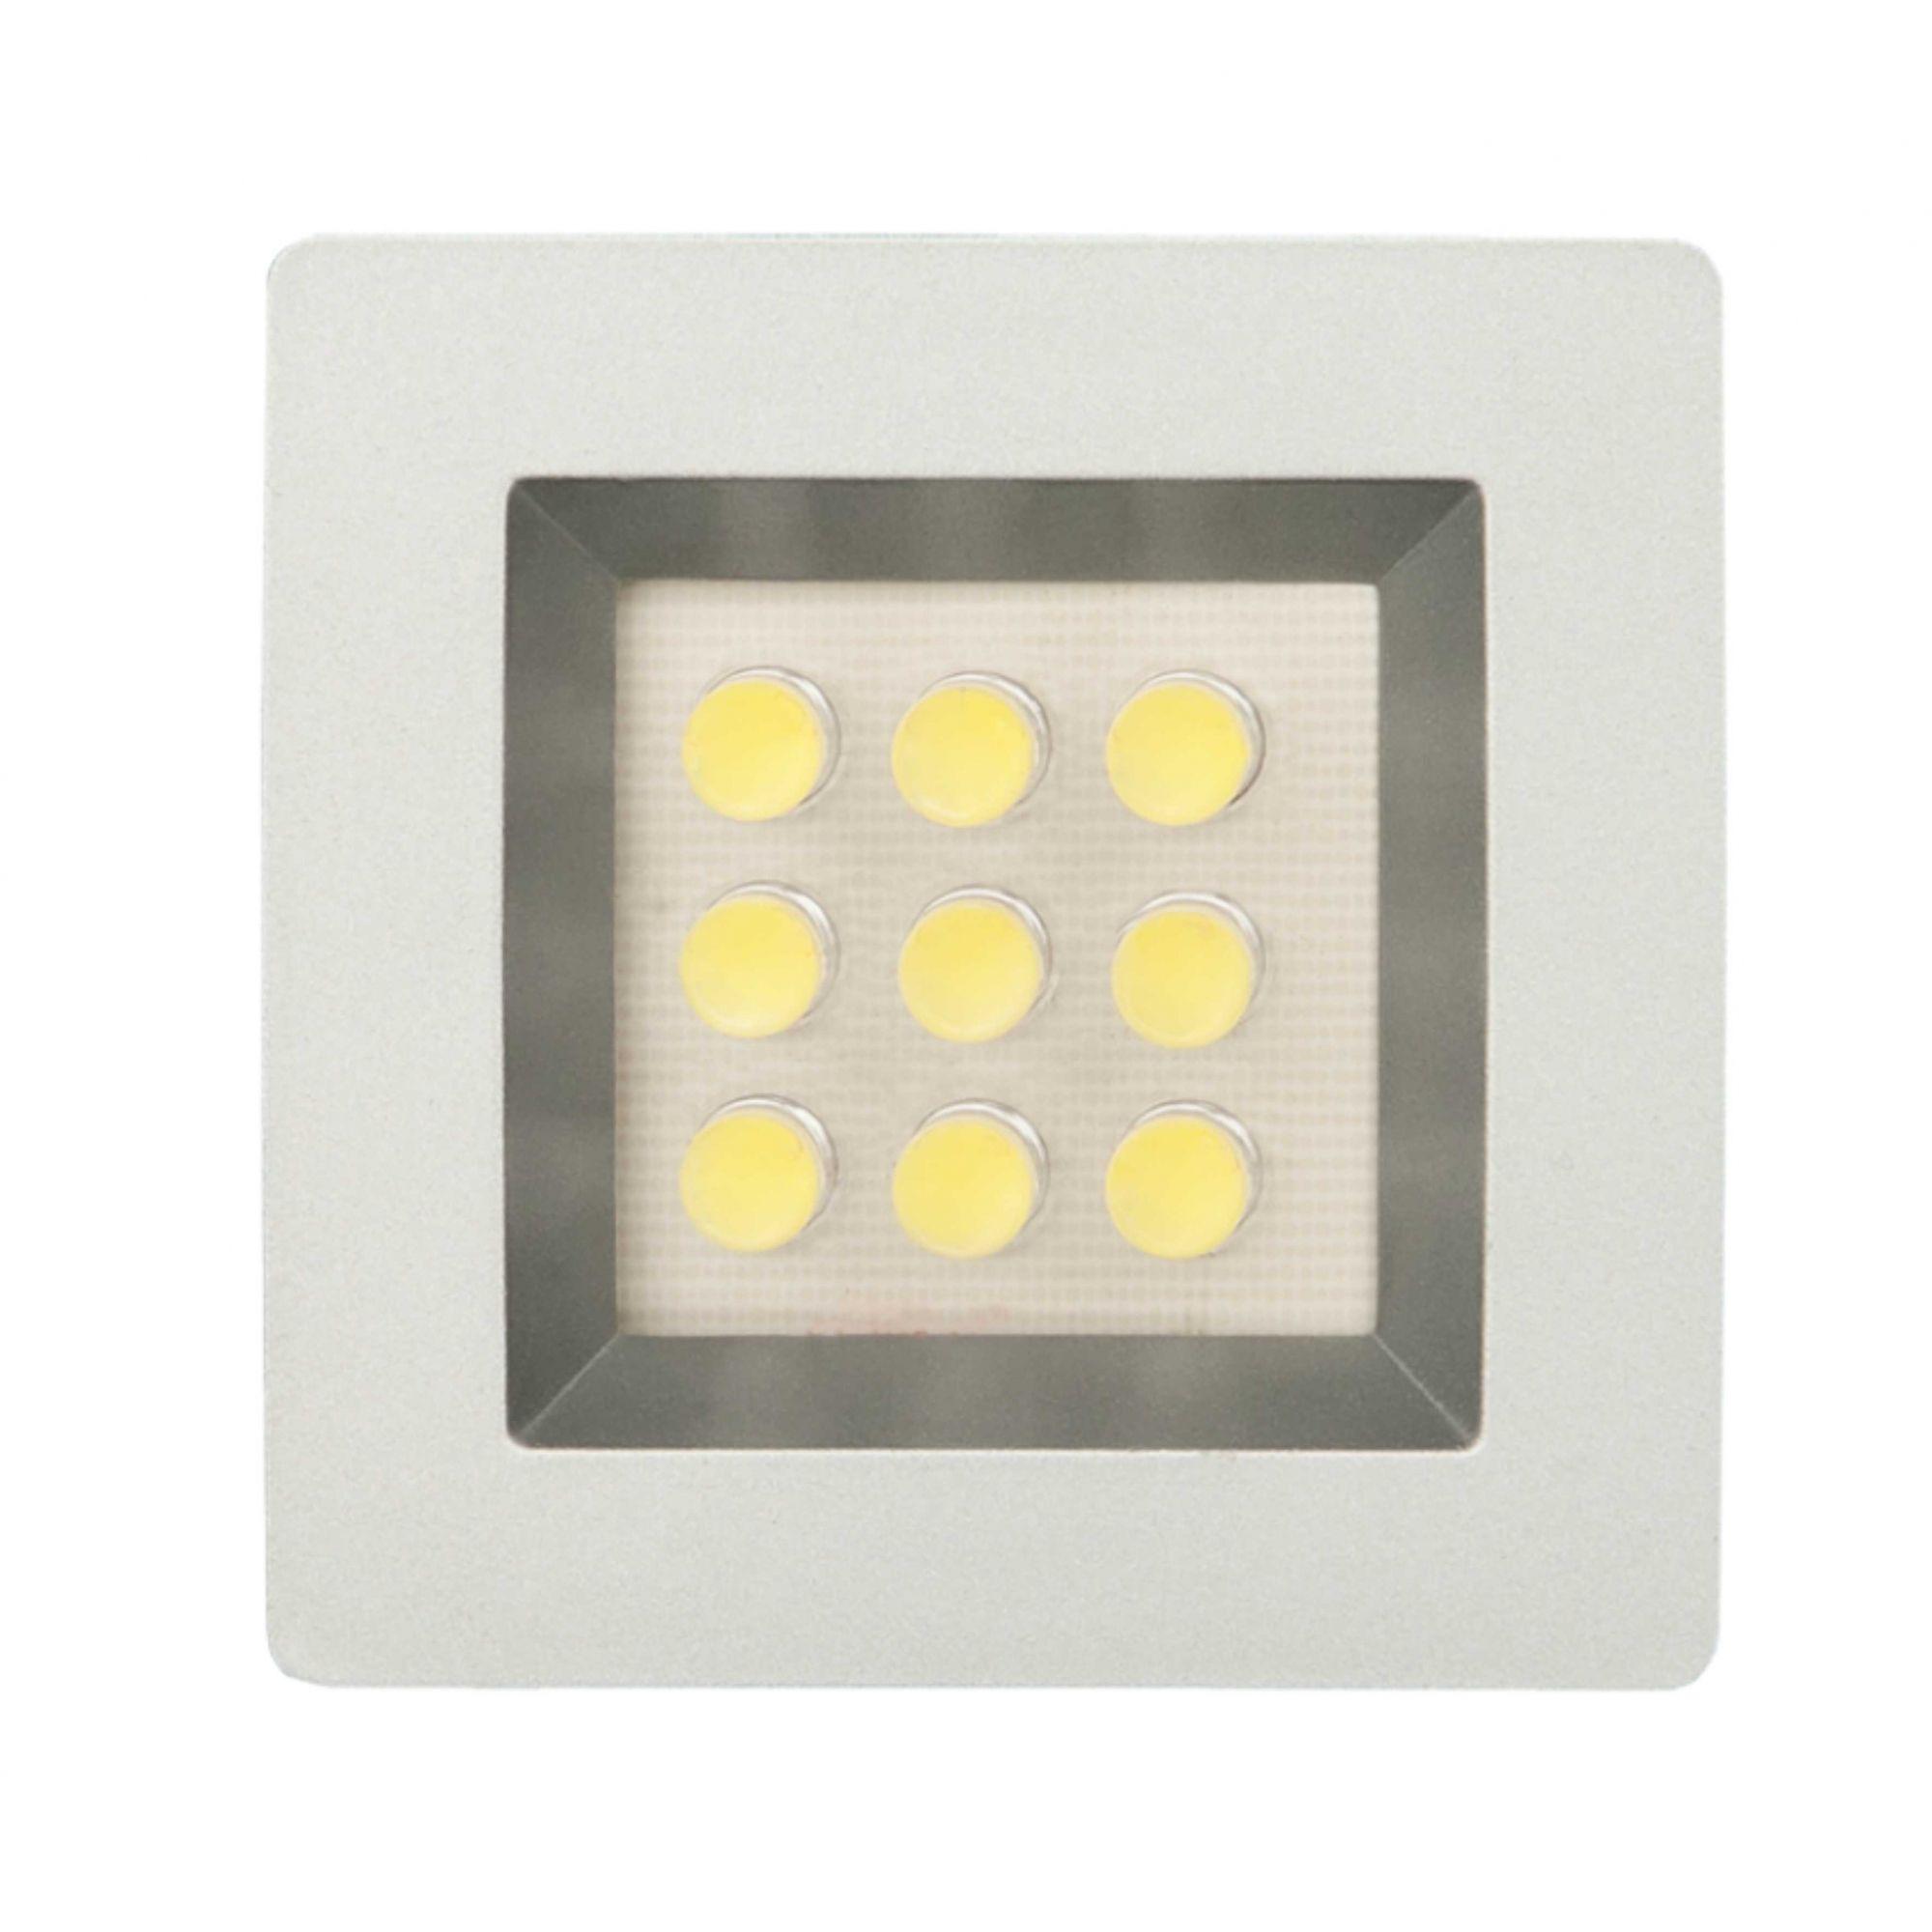 Luminária Quadrada Embutida com 9 Leds 51mm Branco frio Bivolt